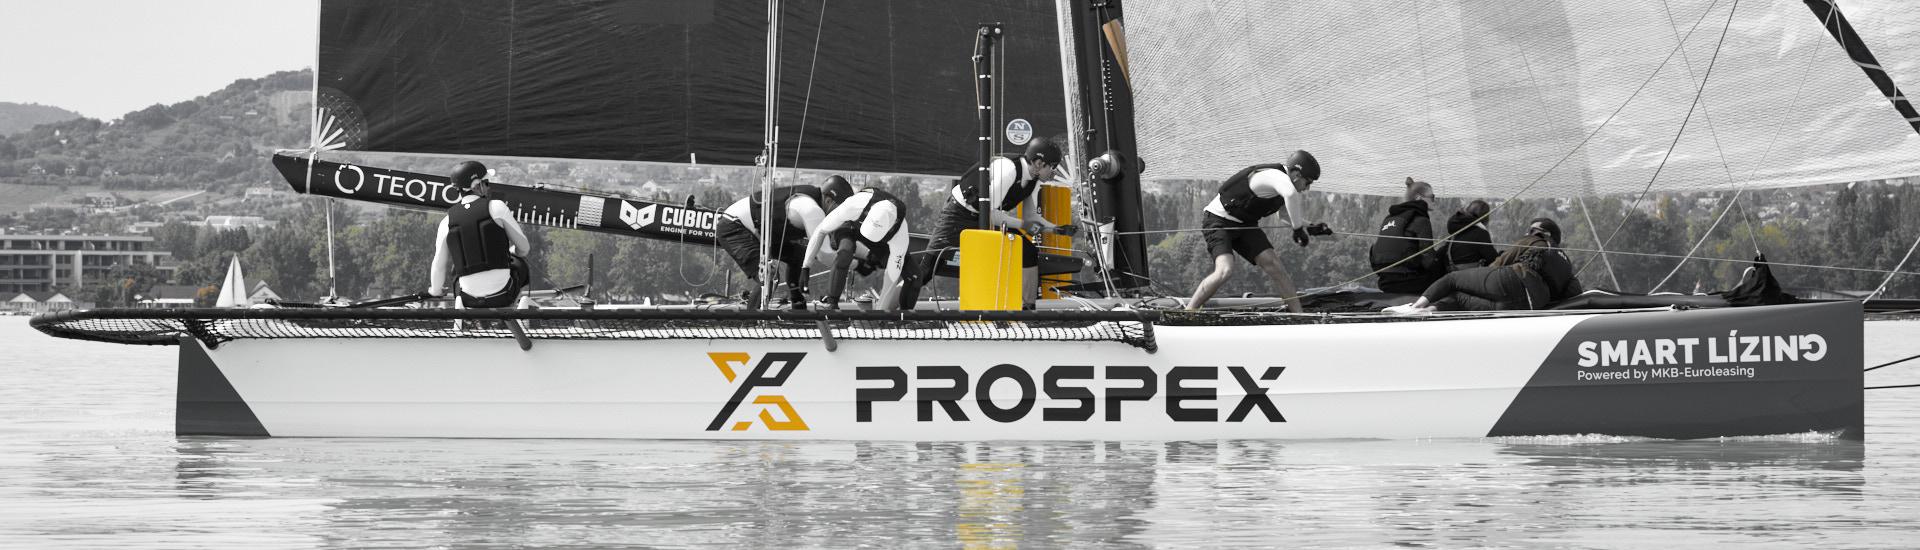 Prospex Team